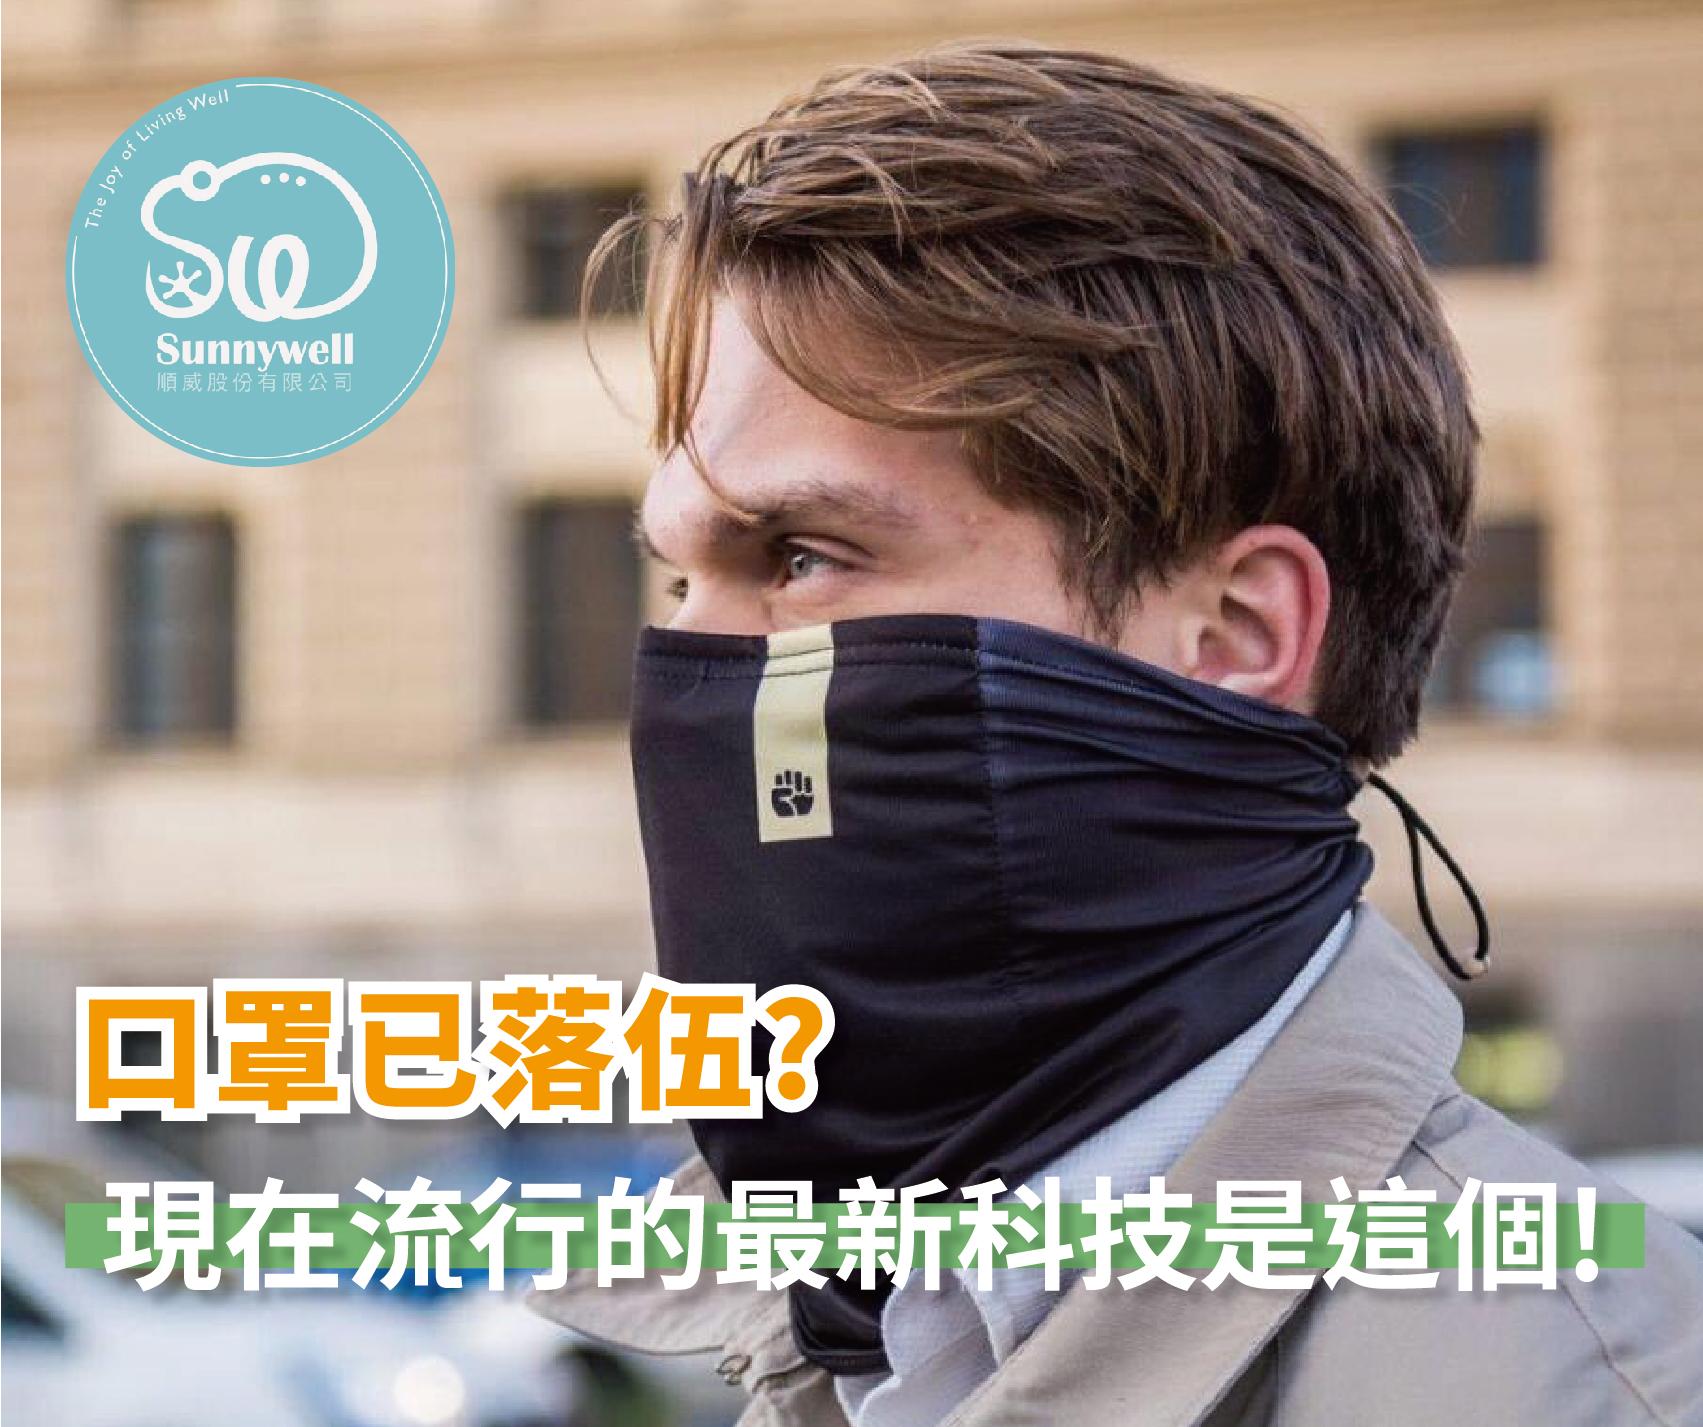 R-shield RESPILON® 專利奈米纖維膜阻止細塵、煙霧、花粉、病毒、細菌、黴菌或蟎蟲進入你的呼吸系統,同時保持良好的透氣性。